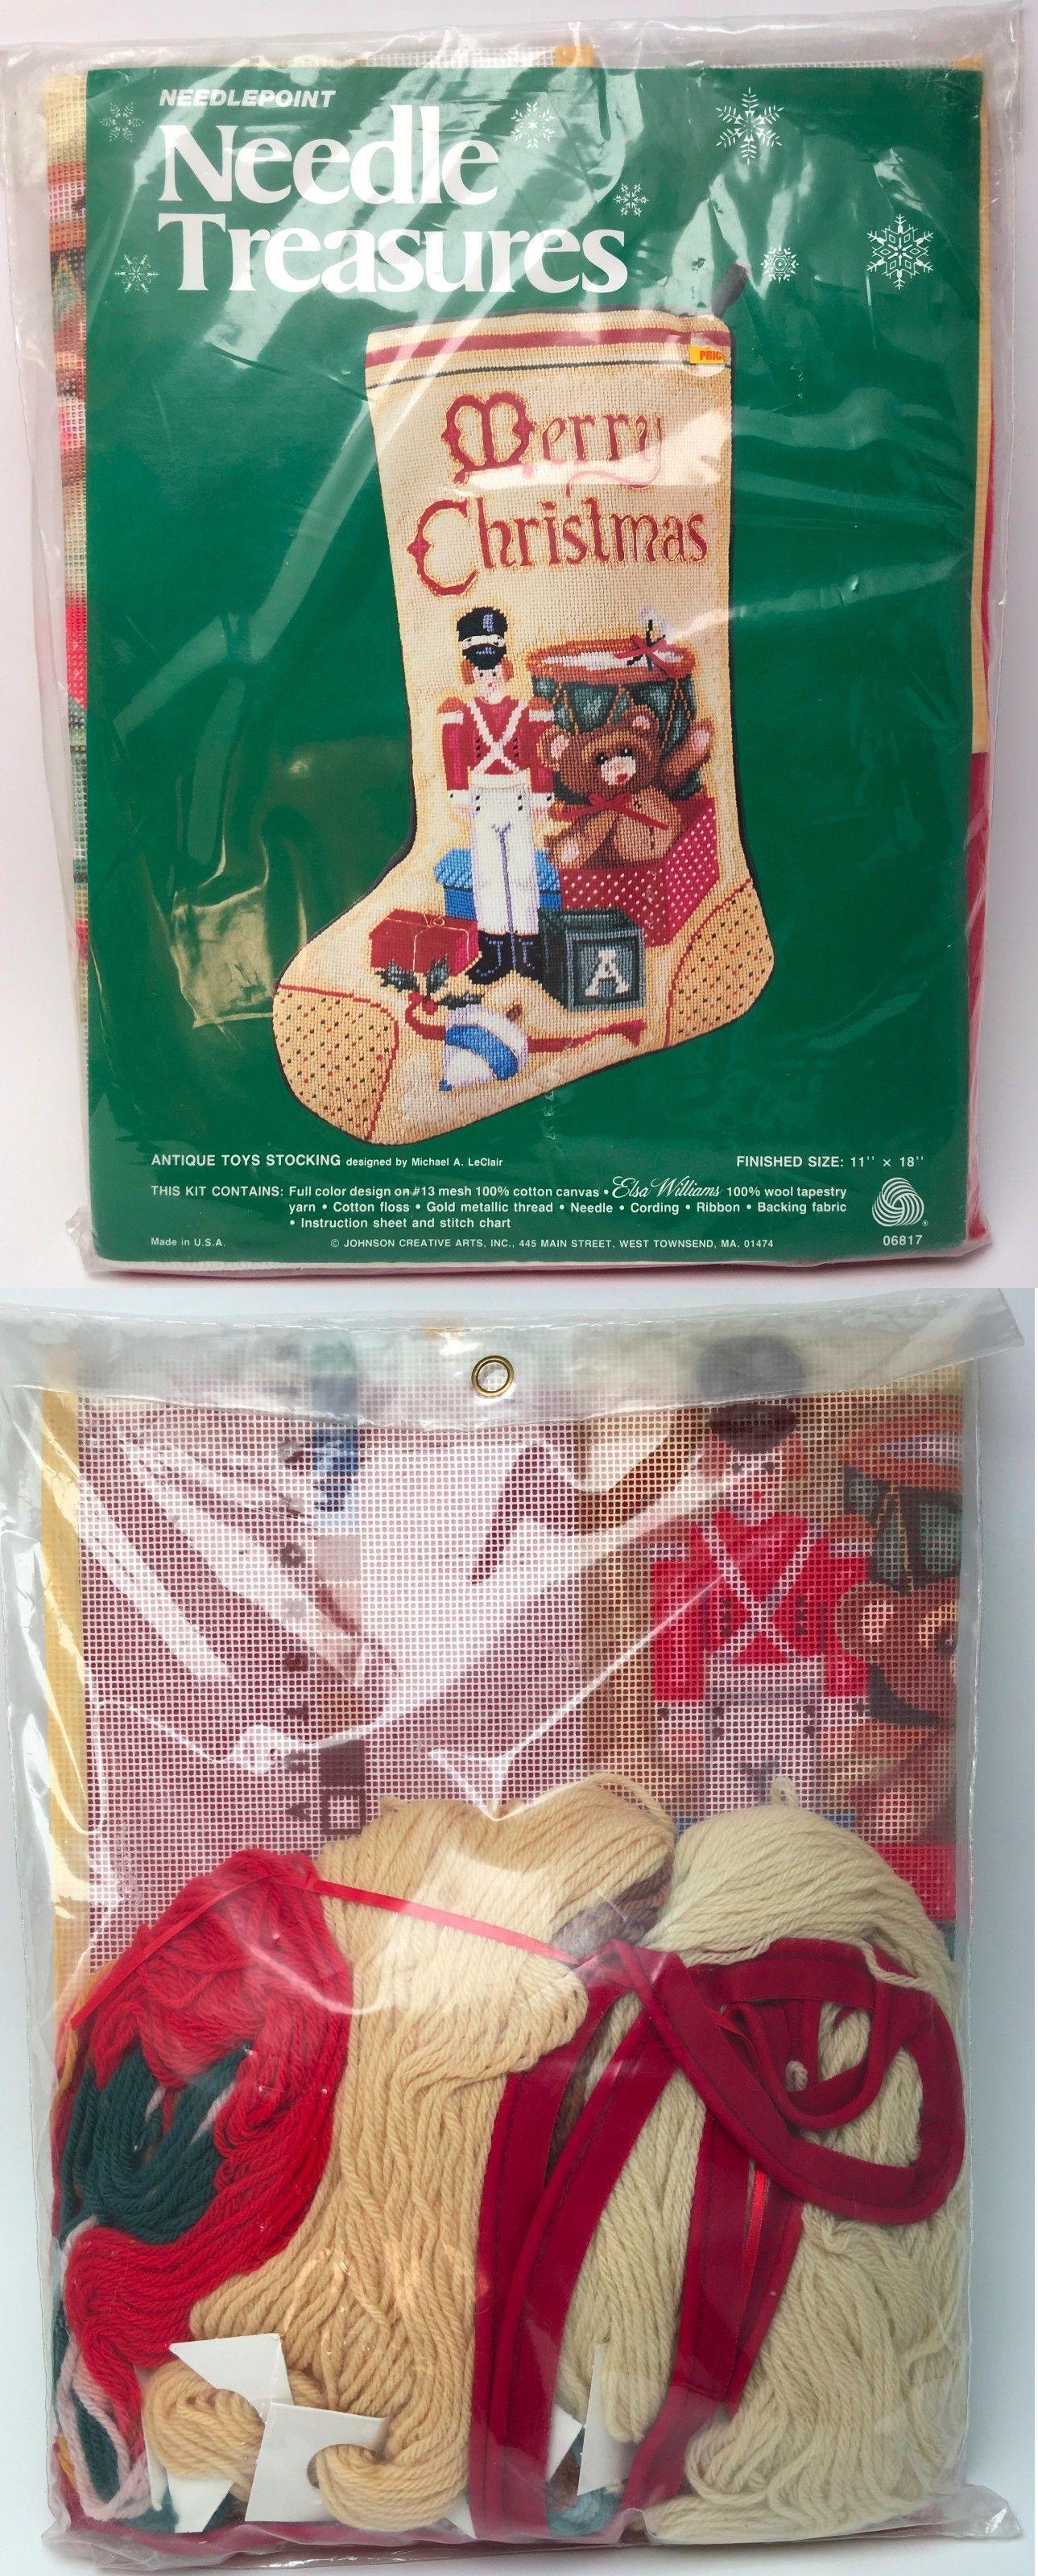 Needlepoint Kits 3109: Needle Treasures Needlepoint Antique Toys ...